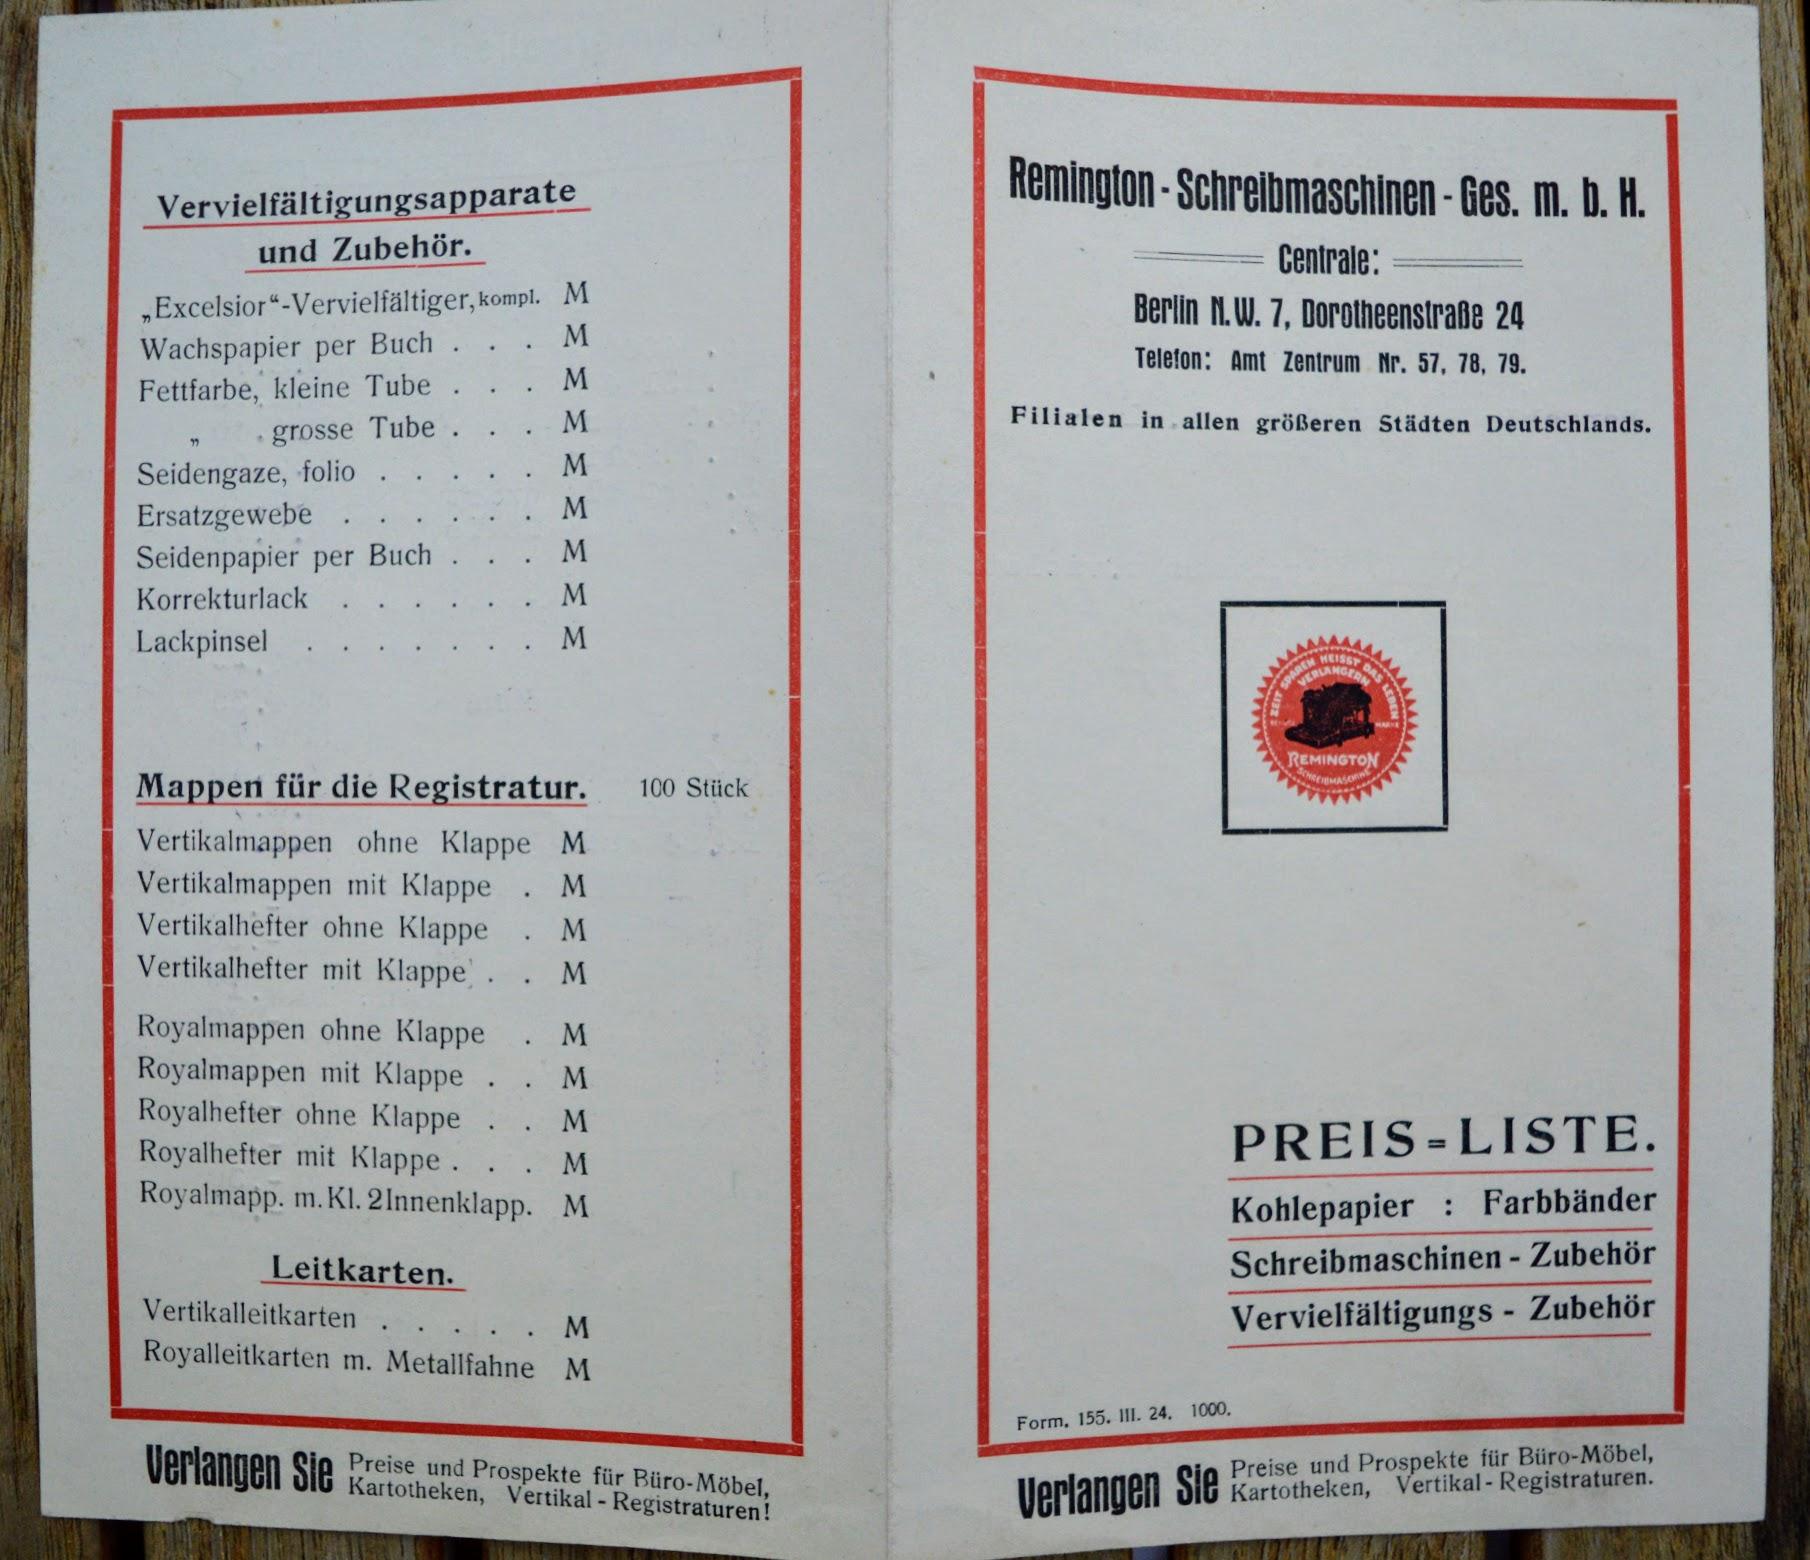 Remington Portable - Preis-Liste